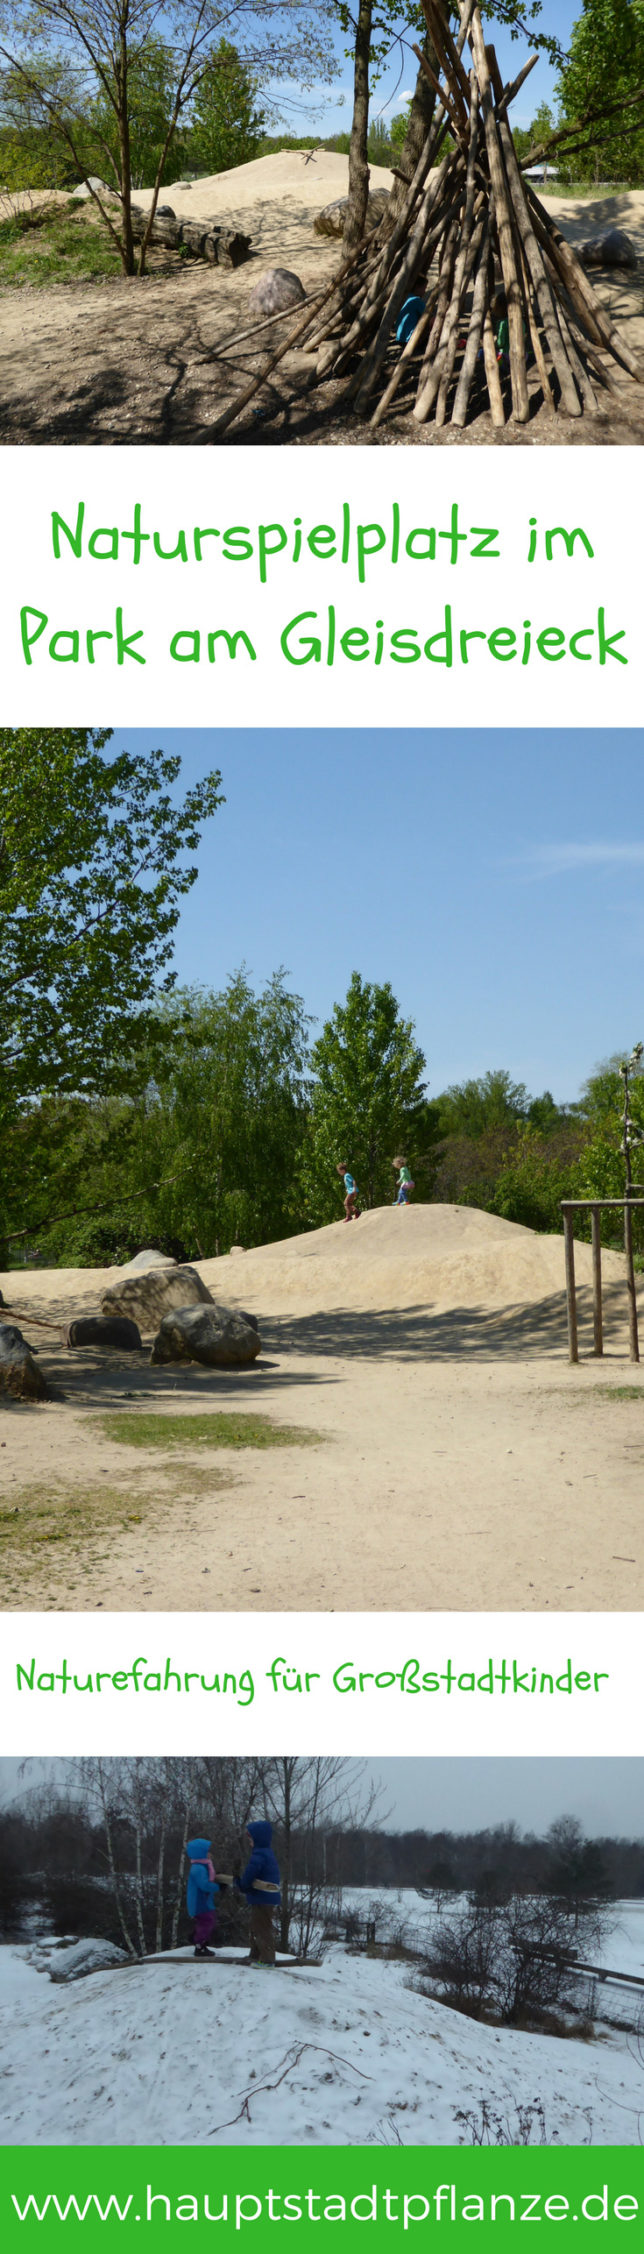 Spielplatz mit Sand, Holz und Stein   Naturefahrungsraum im Park am Gleisdreieck Berlin